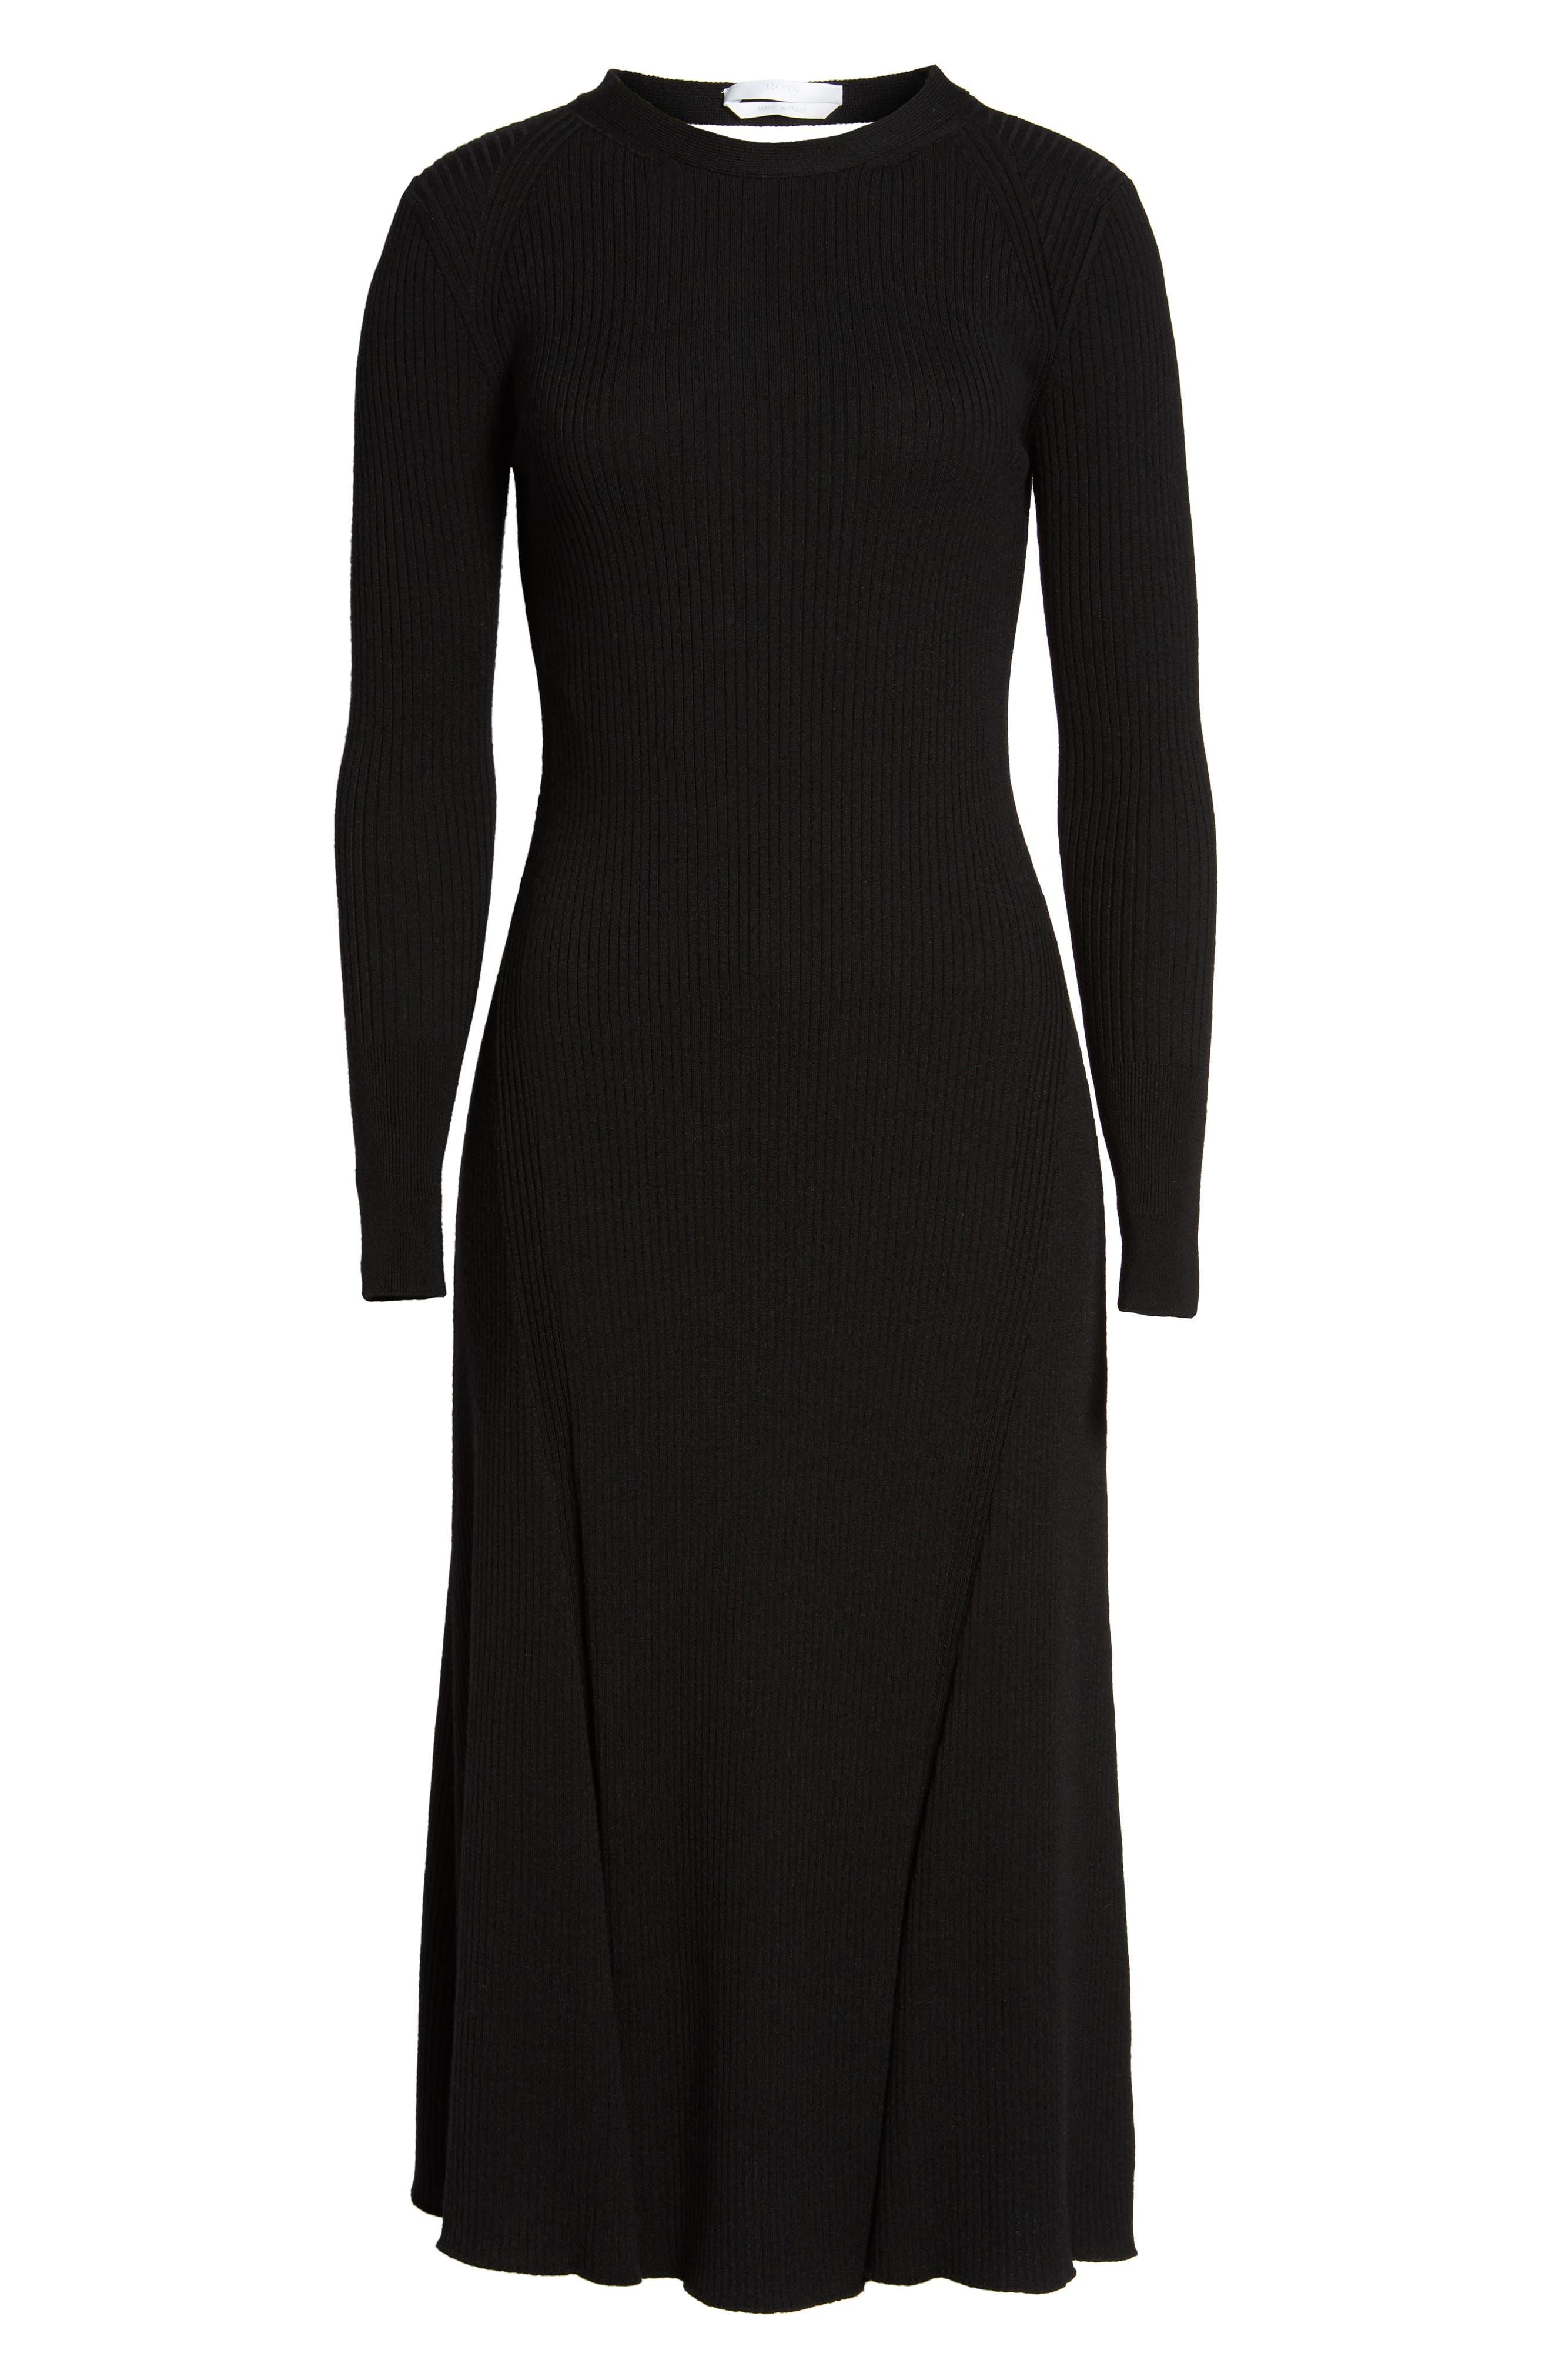 Faustine Midi Dress,                             Alternate thumbnail 6, color,                             001